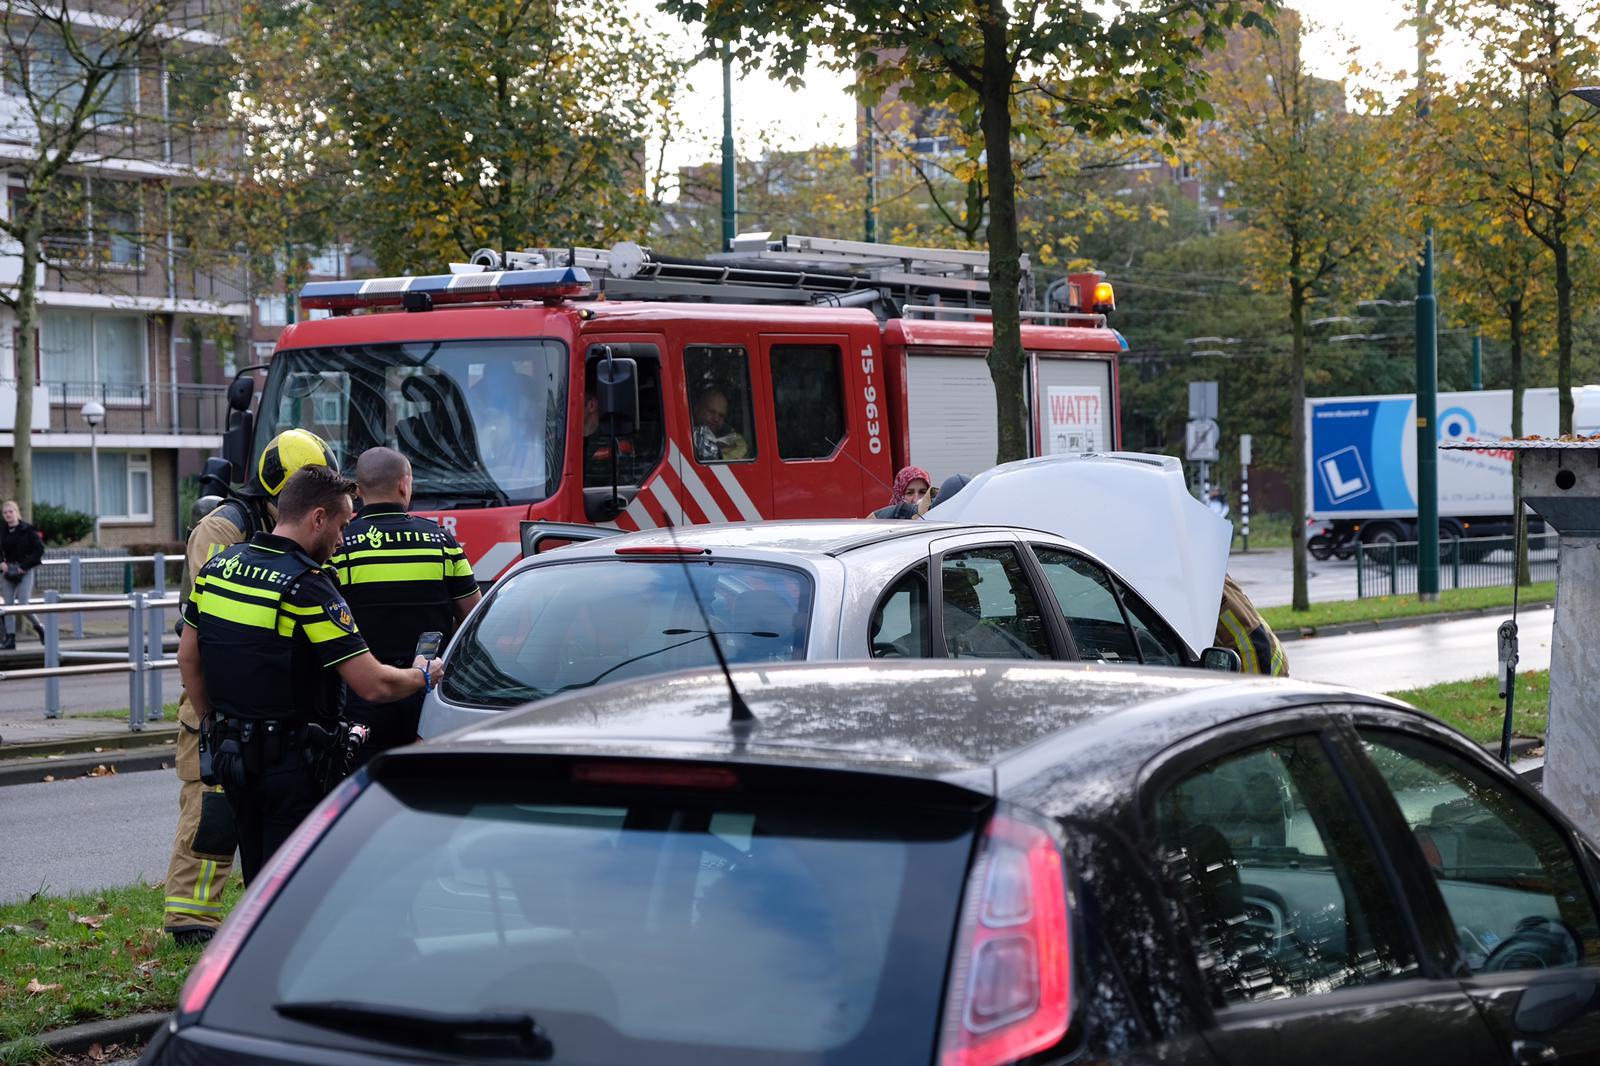 Autobrand blijkt enkel technisch mankement in Rijswijk